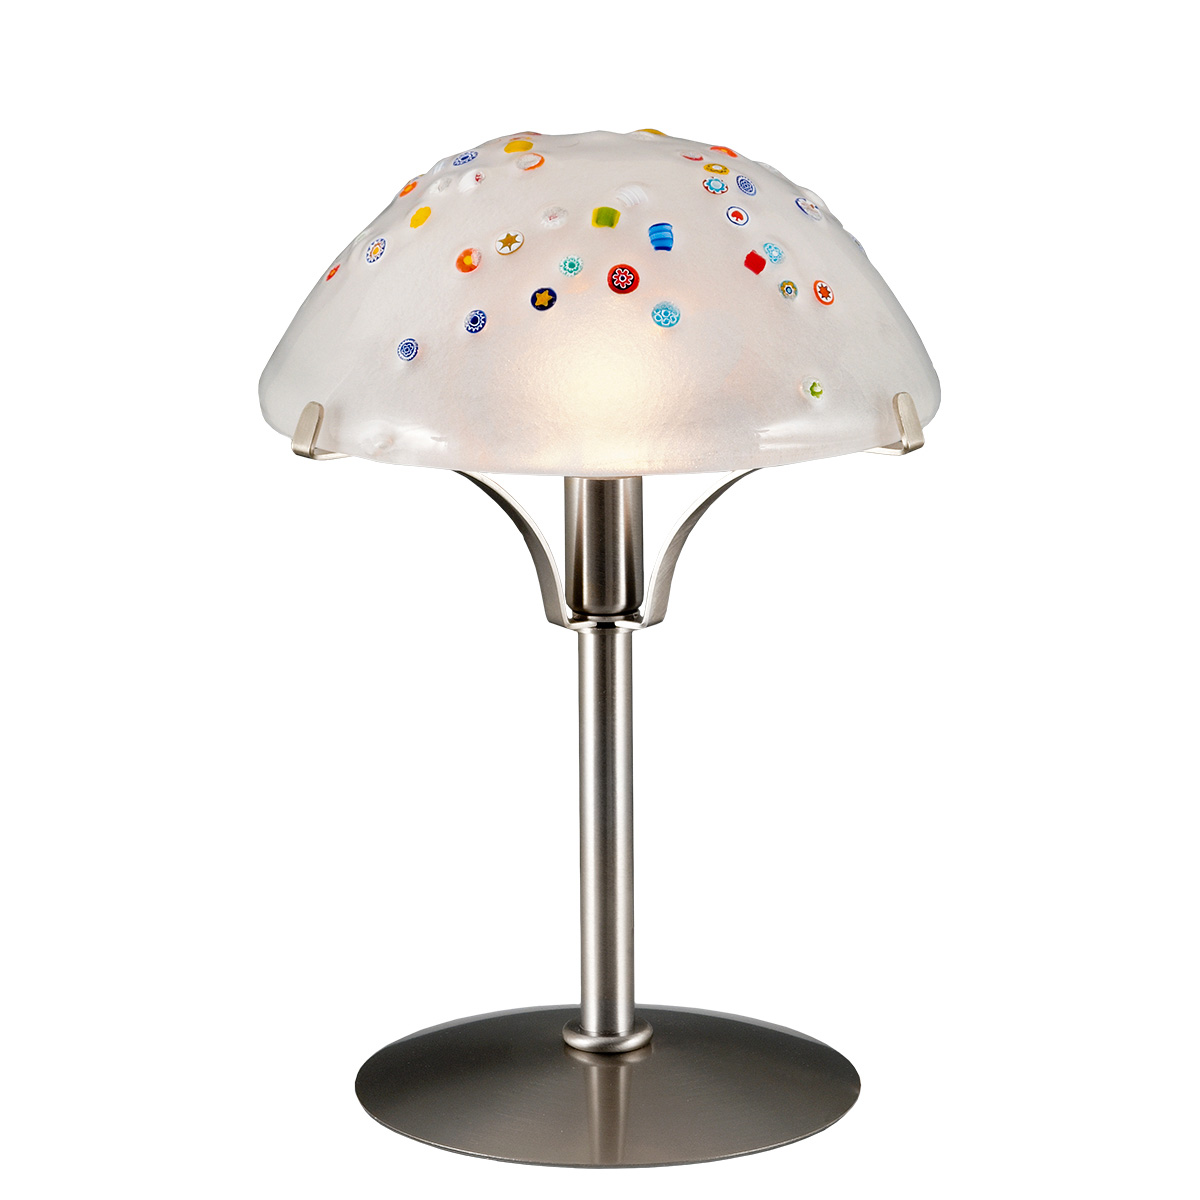 Επιτραπέζιο φωτιστικό MURRINA table lamp